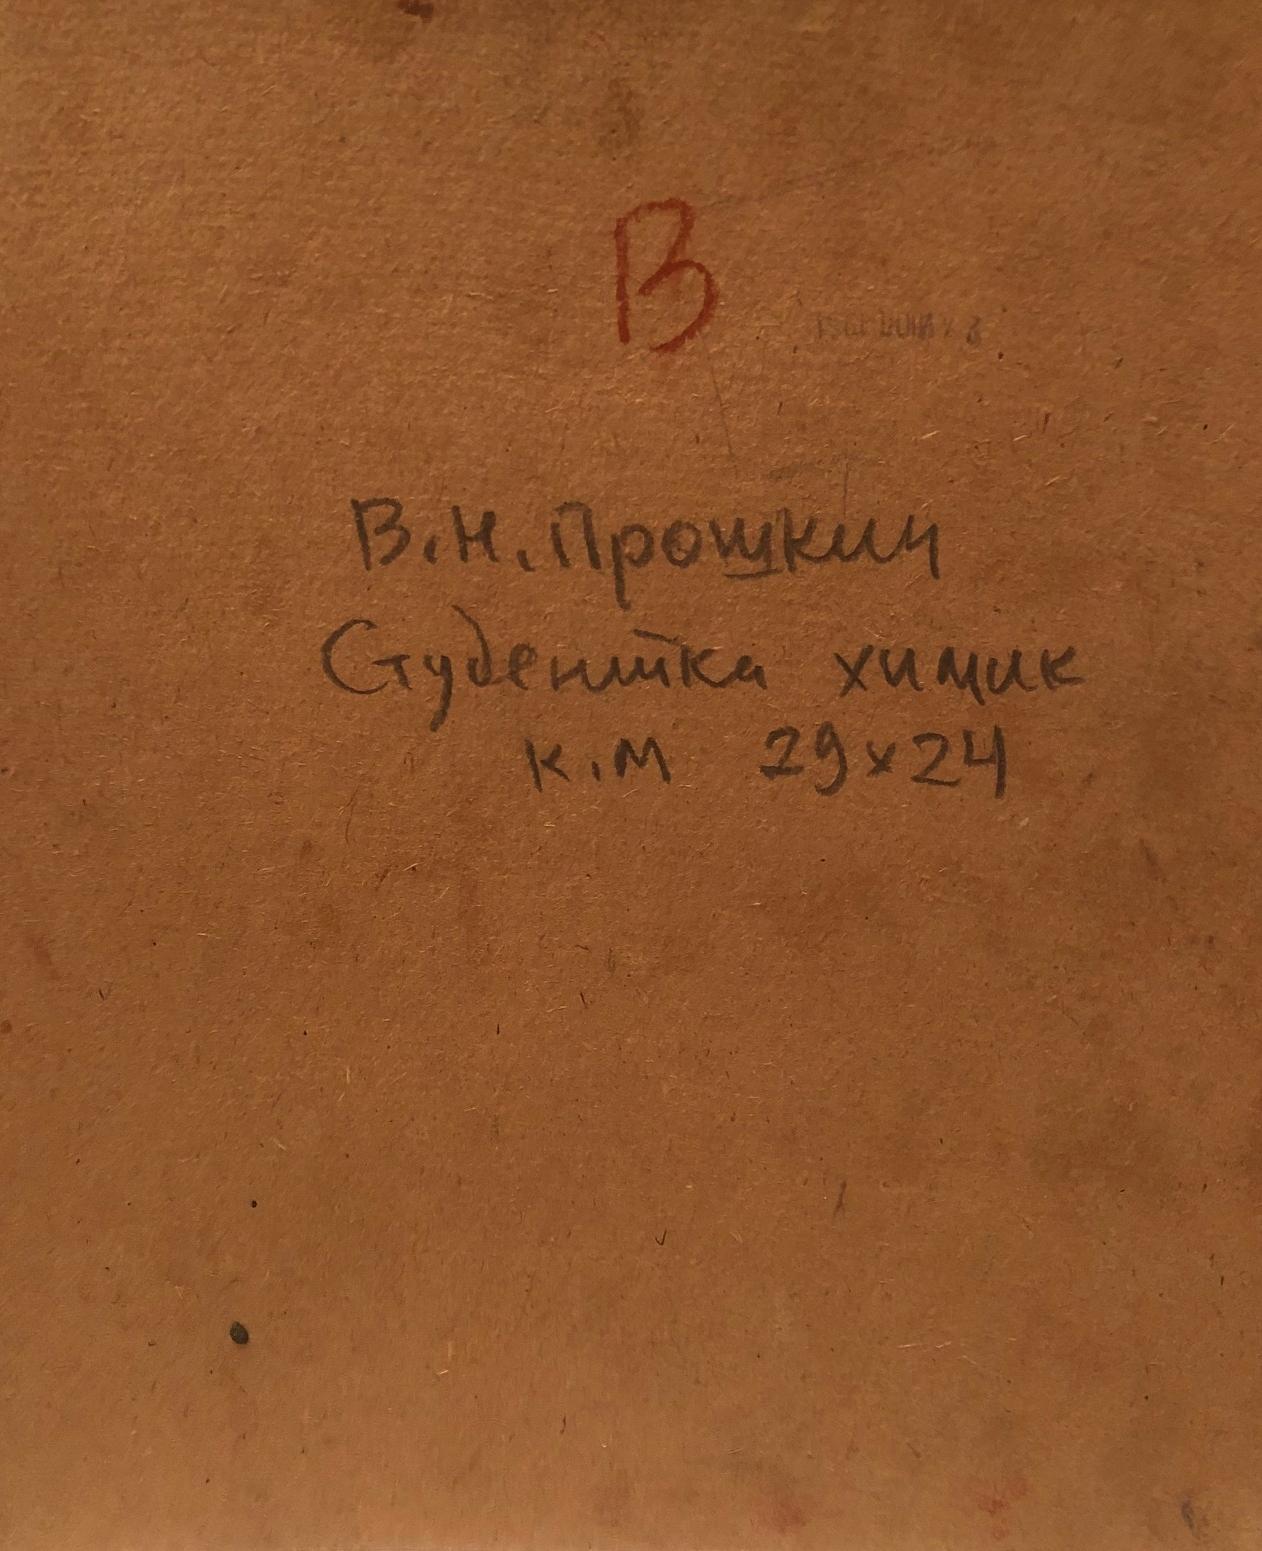 Оборот. Прошкин Виктор Николаевич. Студентка химик